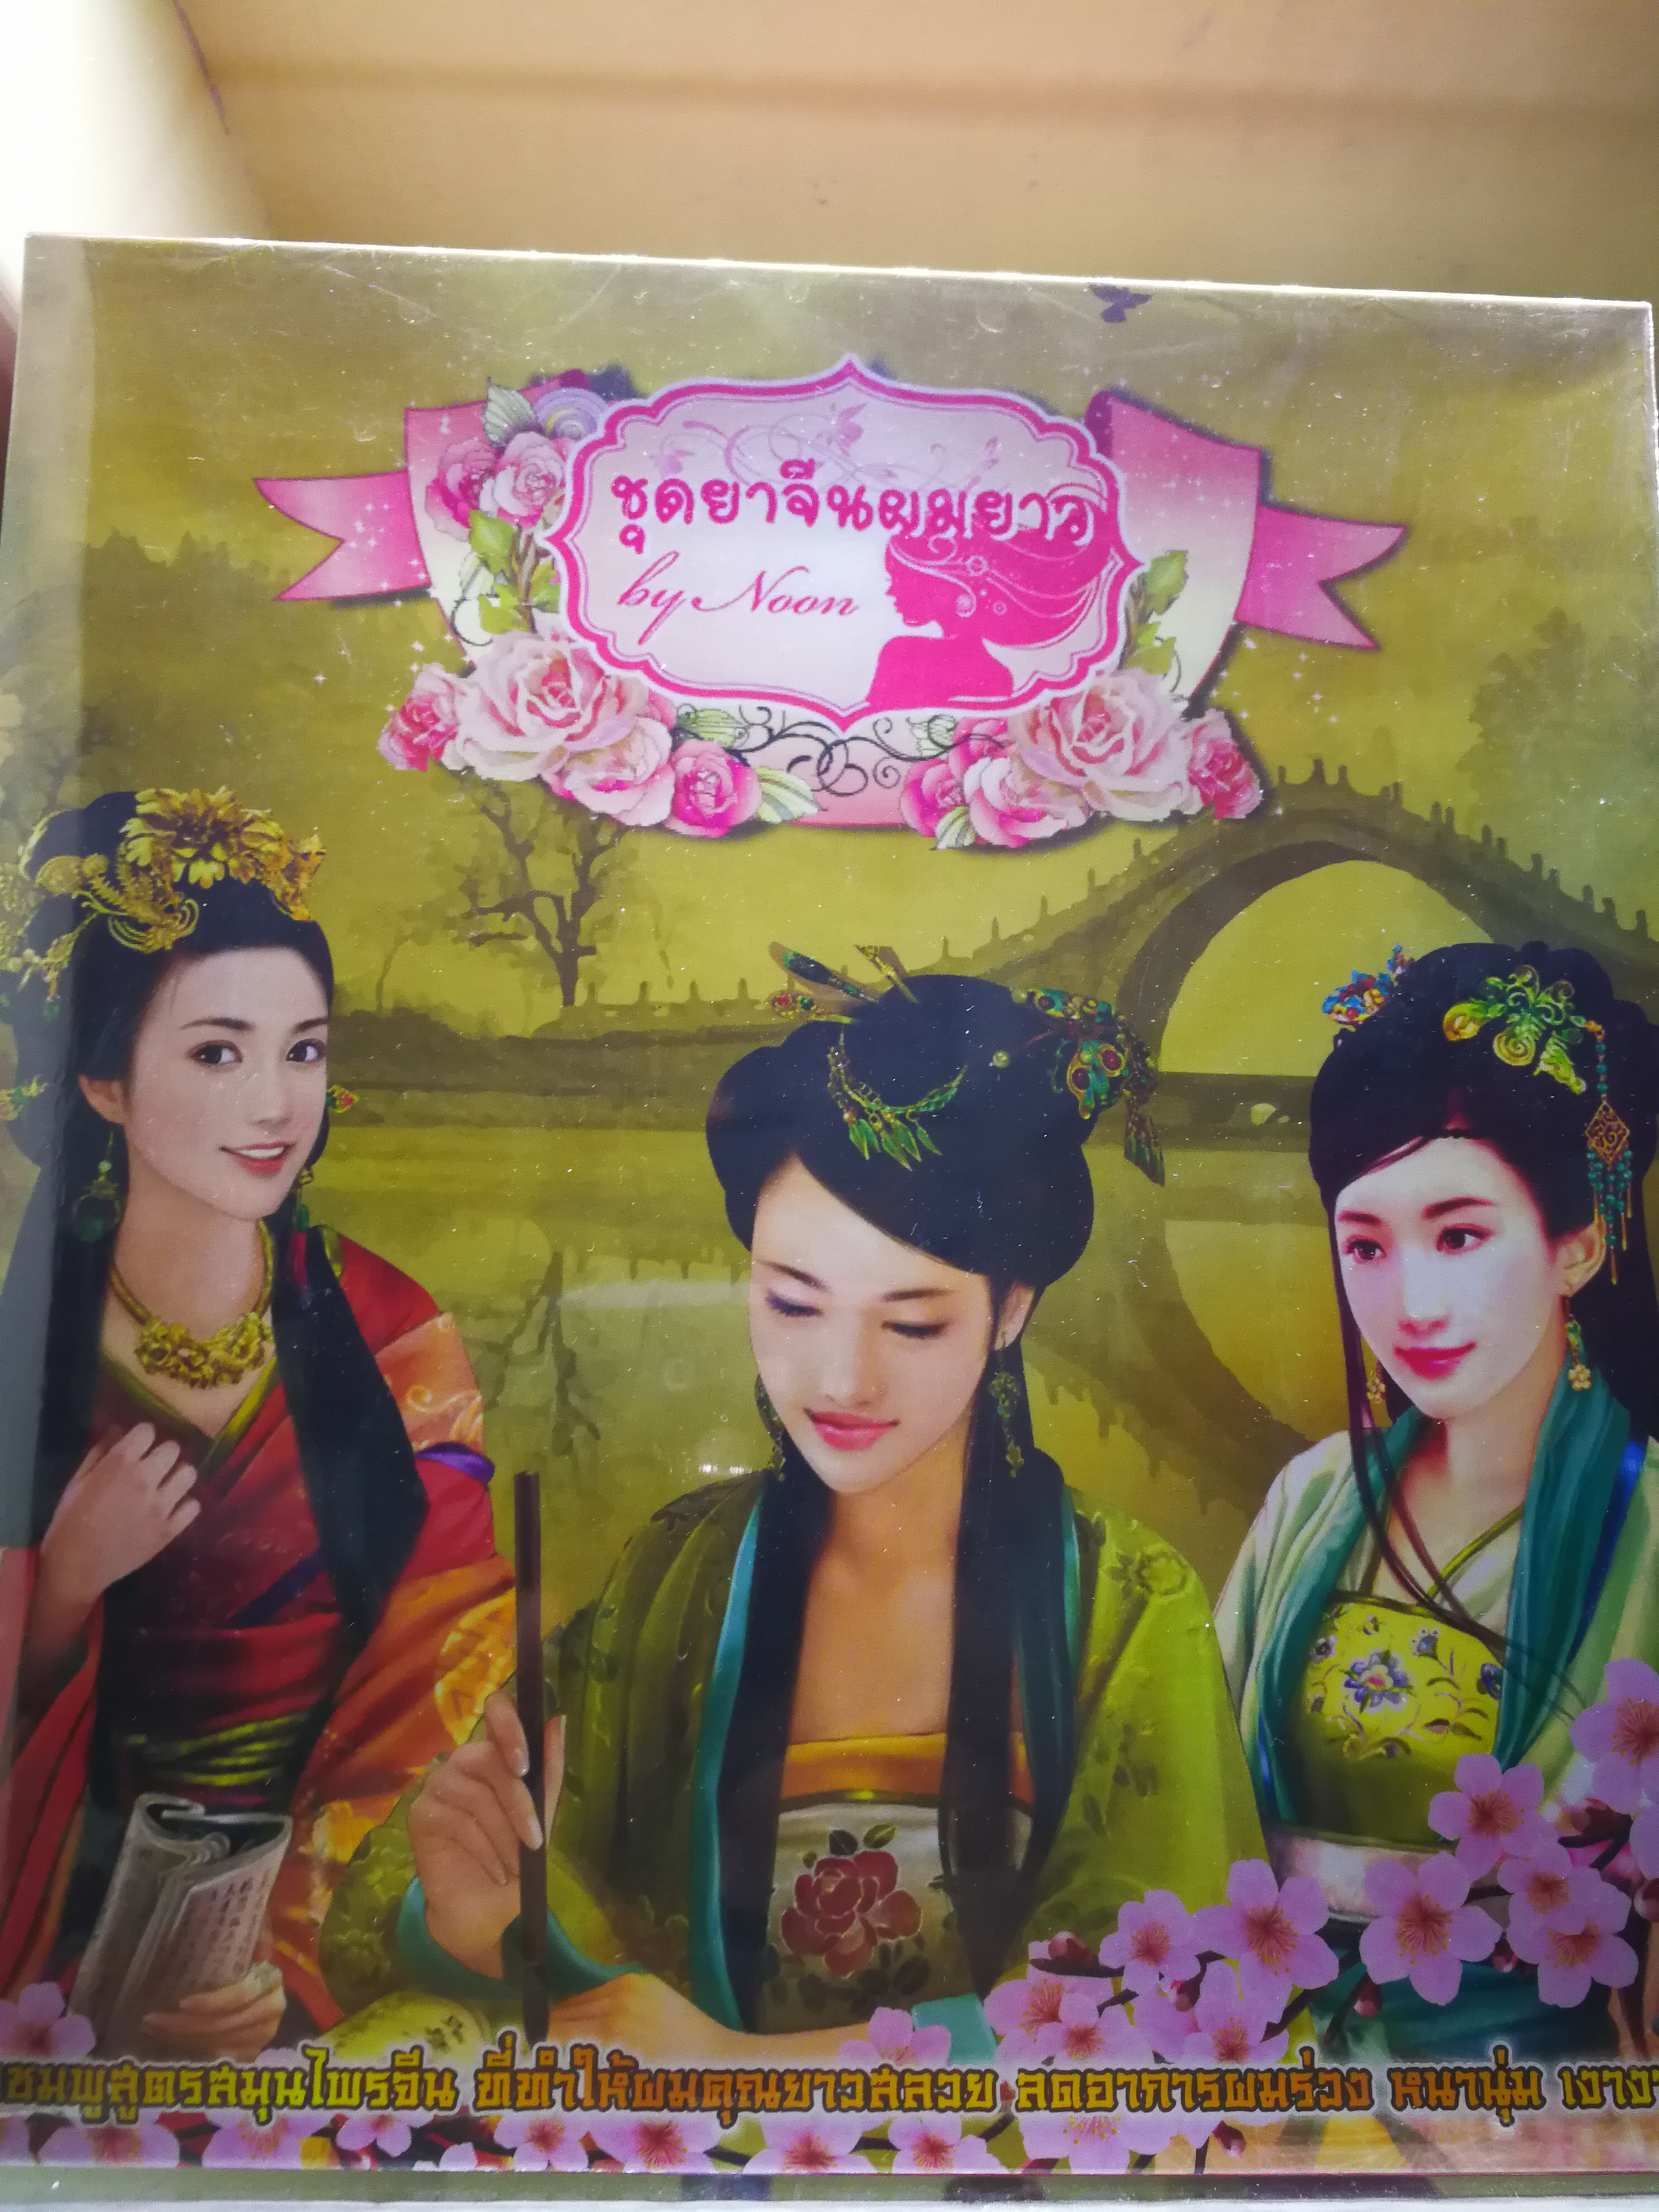 แชมพูยาจีน สูตรใหม่ ราคา 750-340 บาท